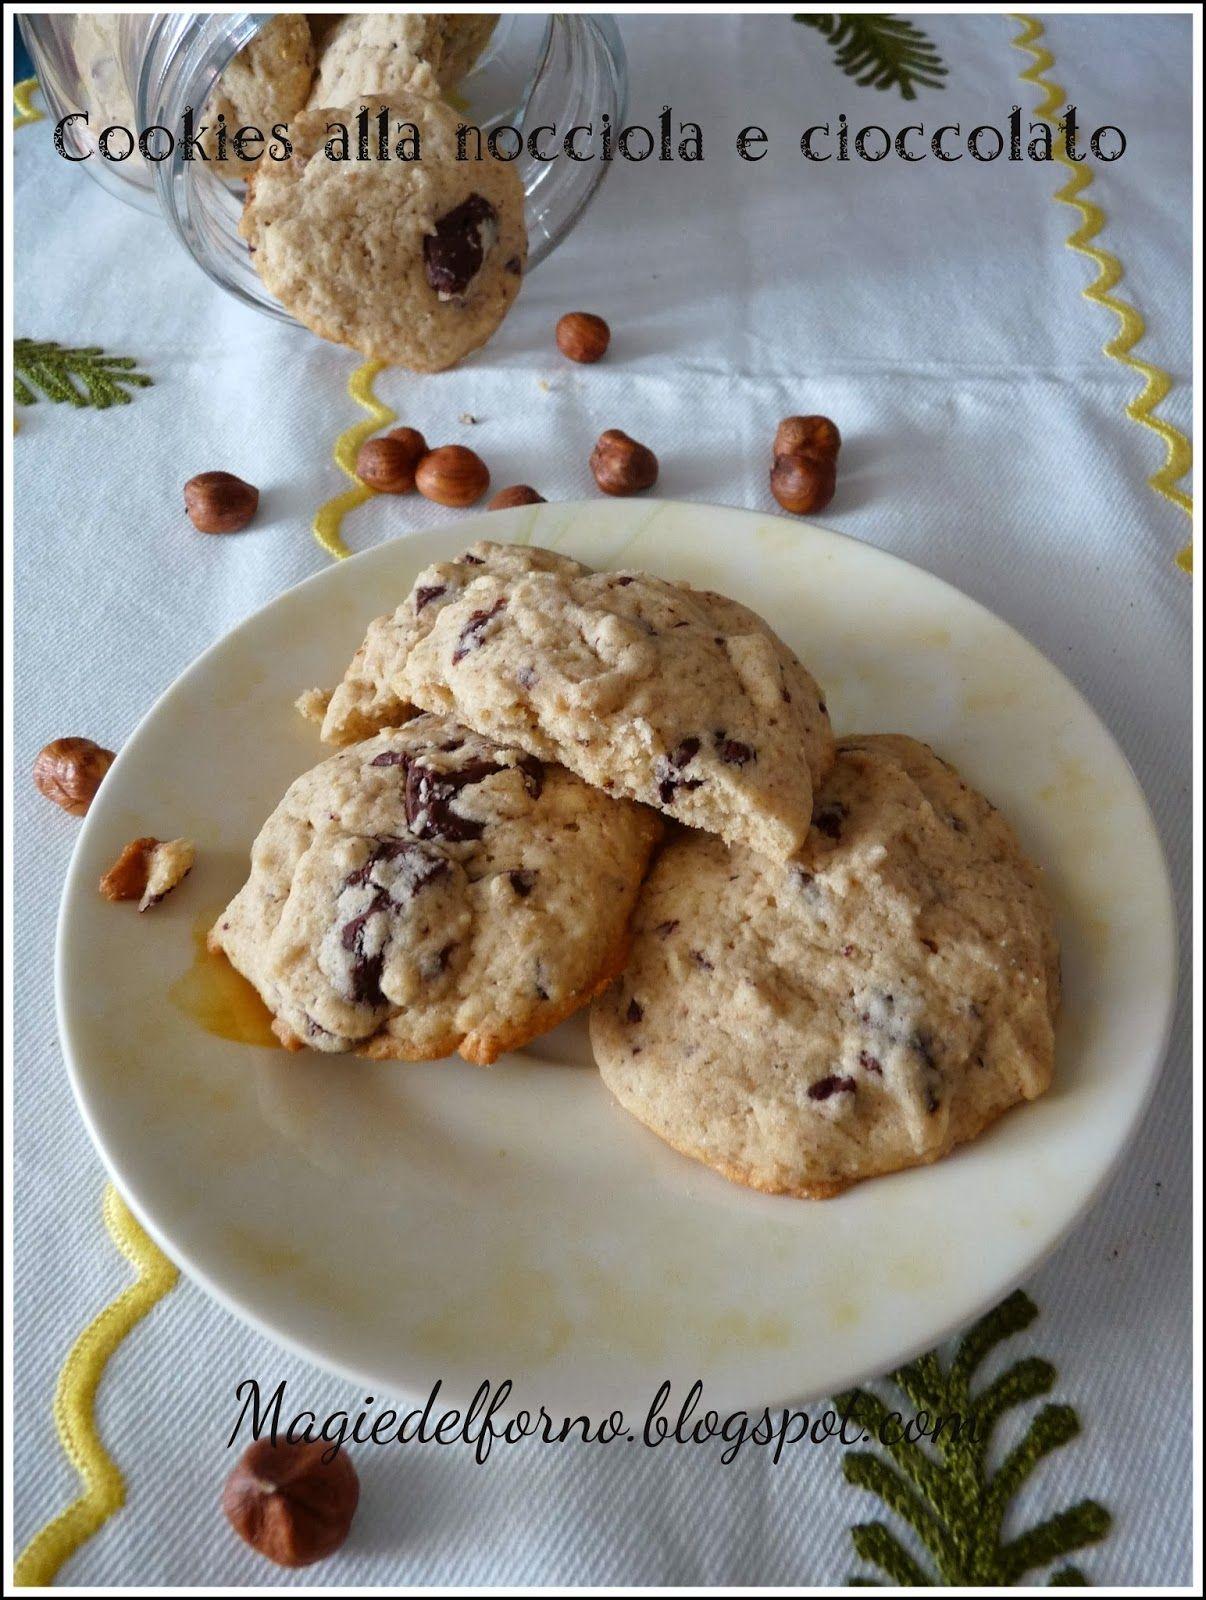 Magie del forno: Cookies alla nocciola e cioccolato